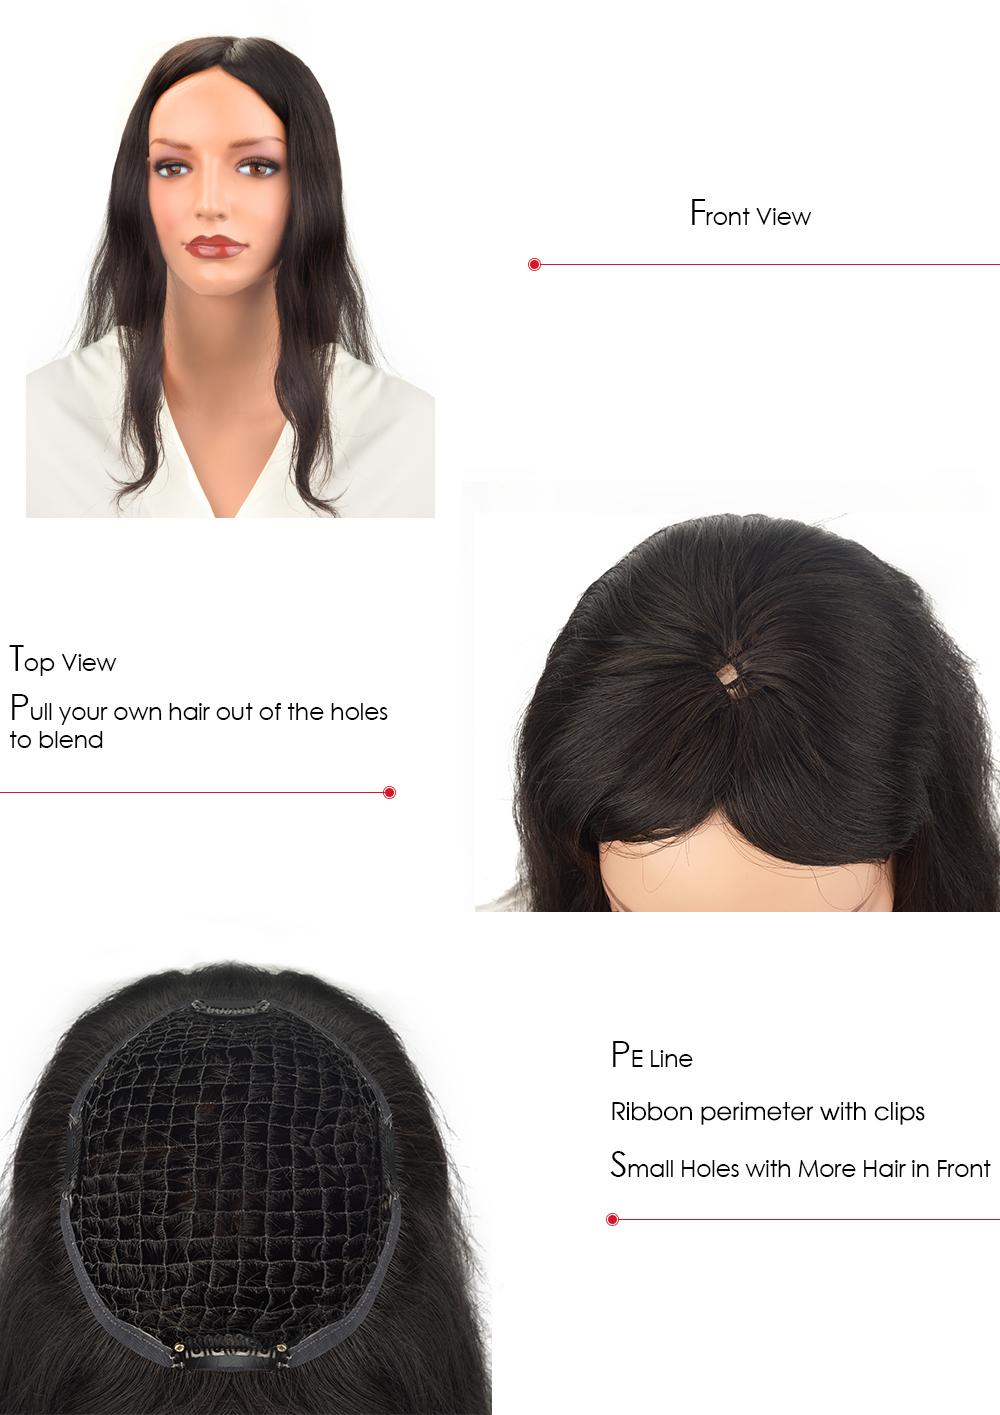 intergration hair syatem for women